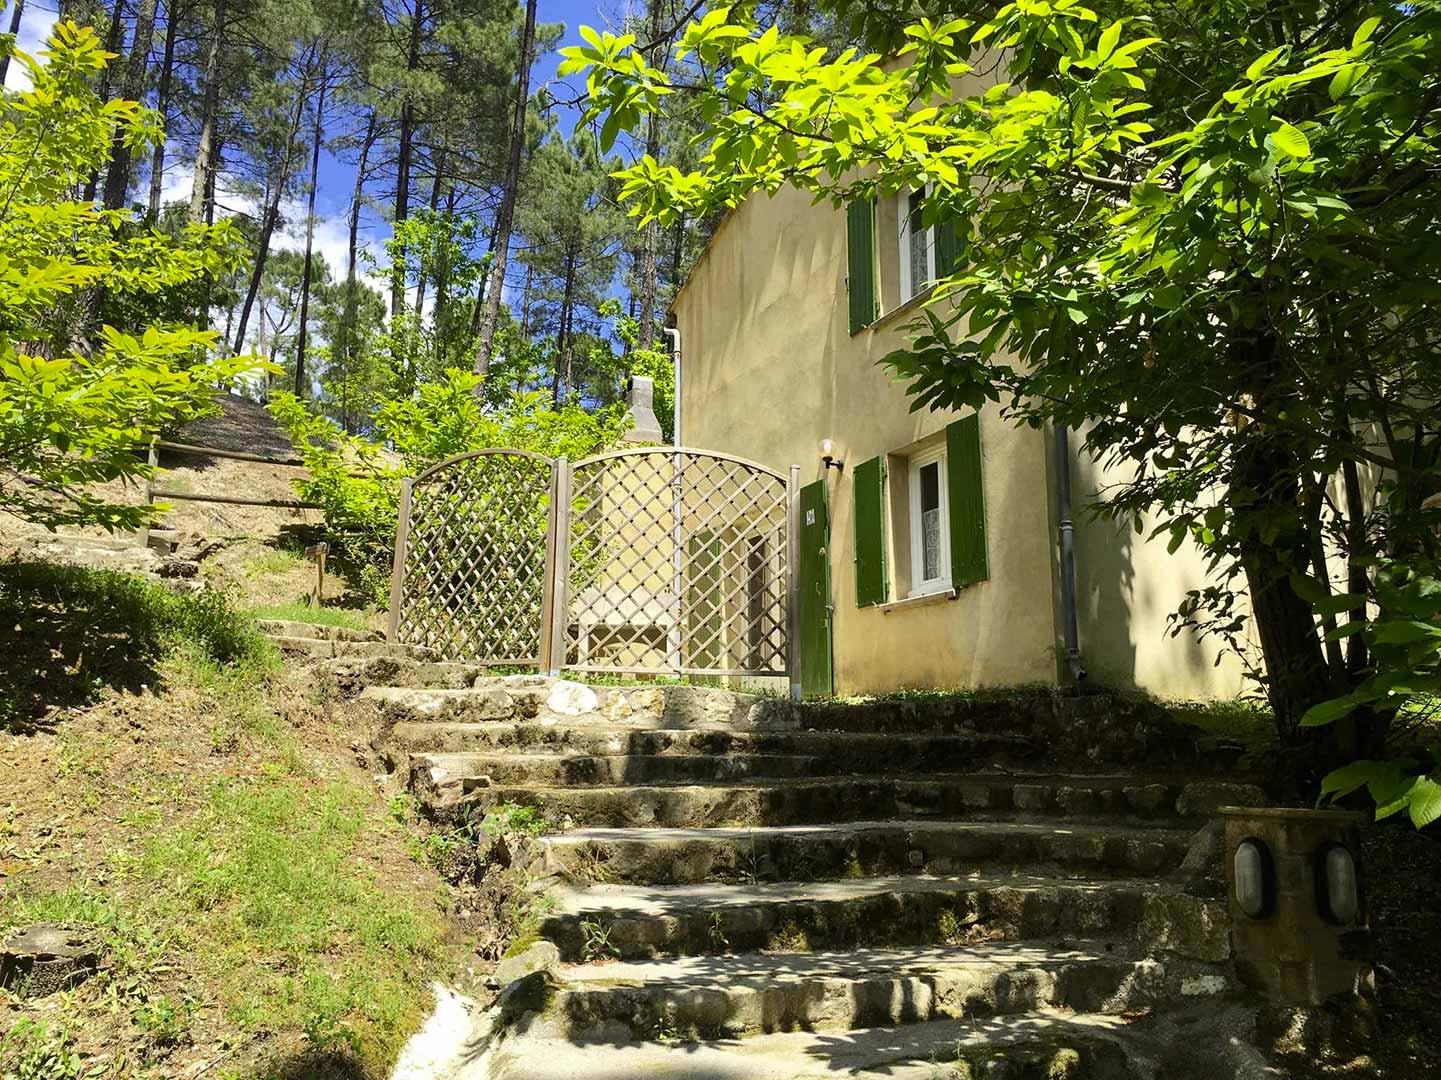 Escalier d'accès aux gîtes